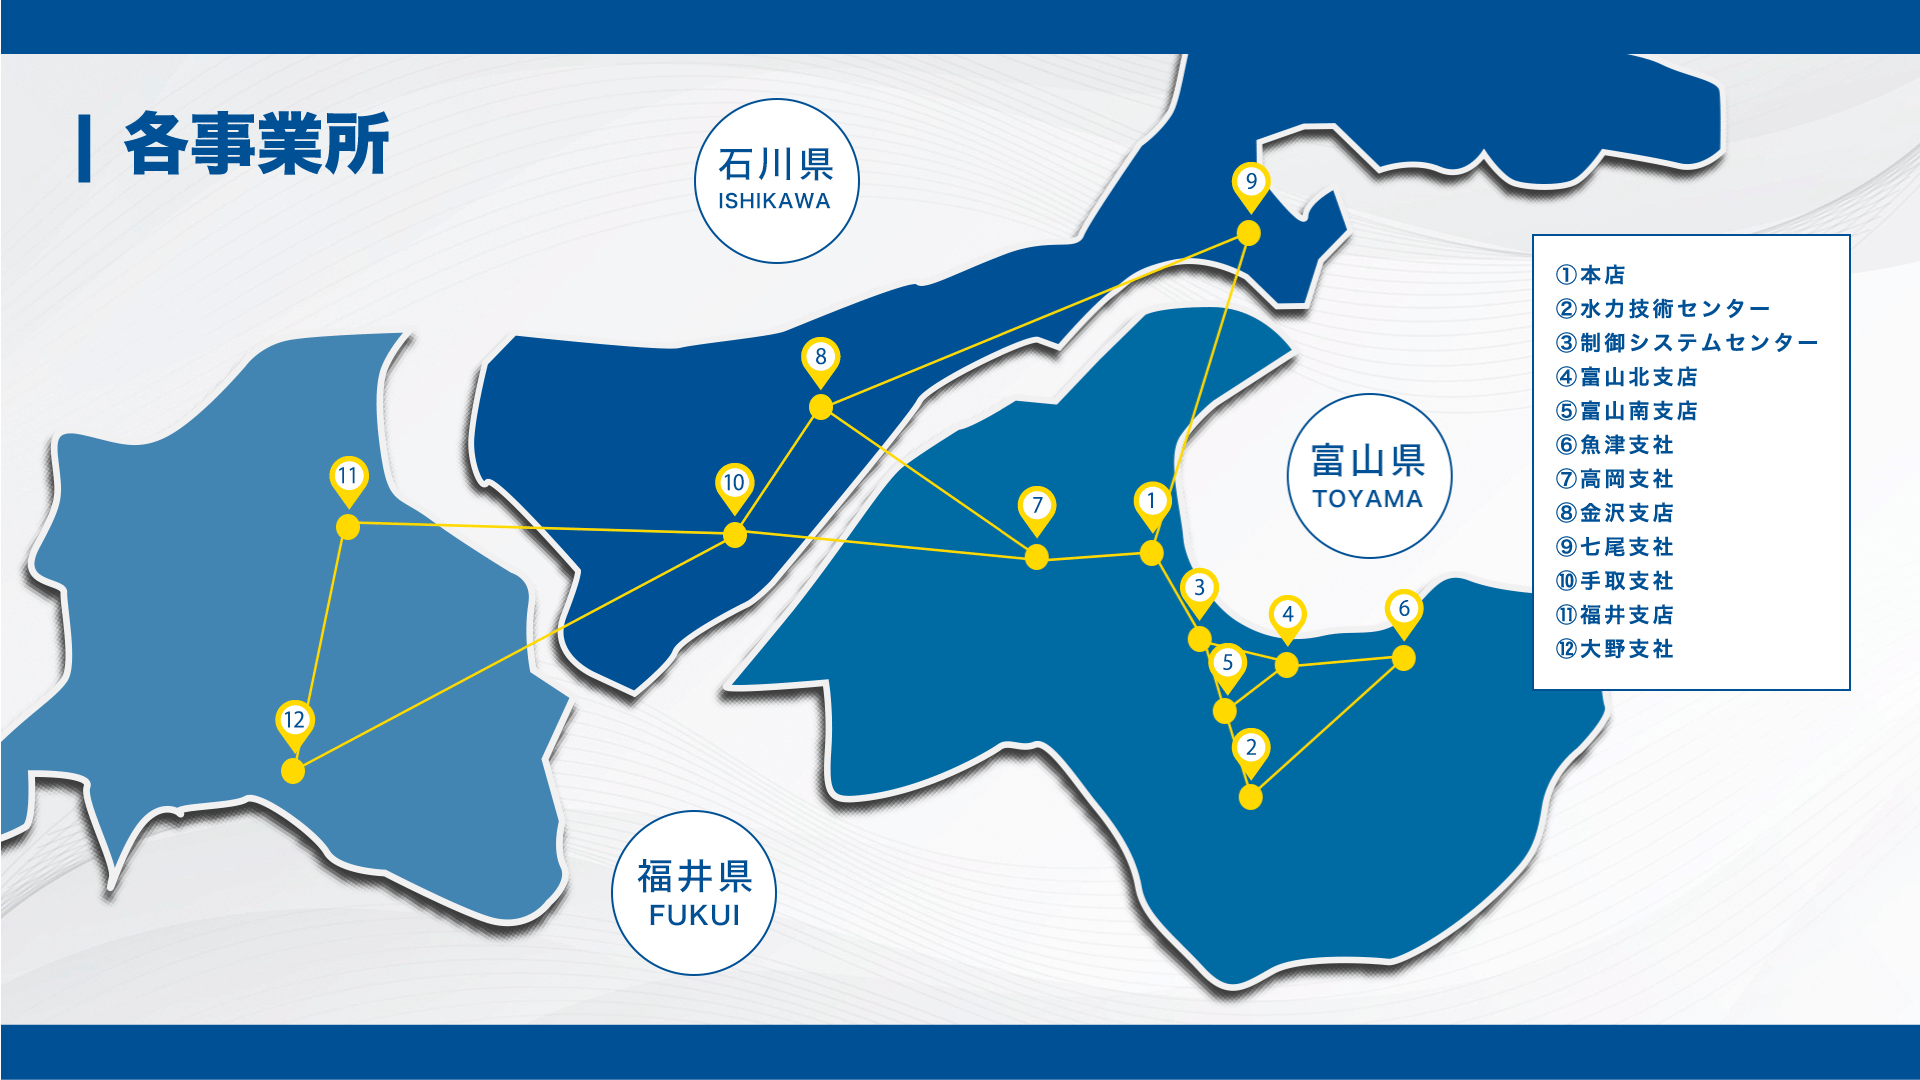 事業所所在地マップ